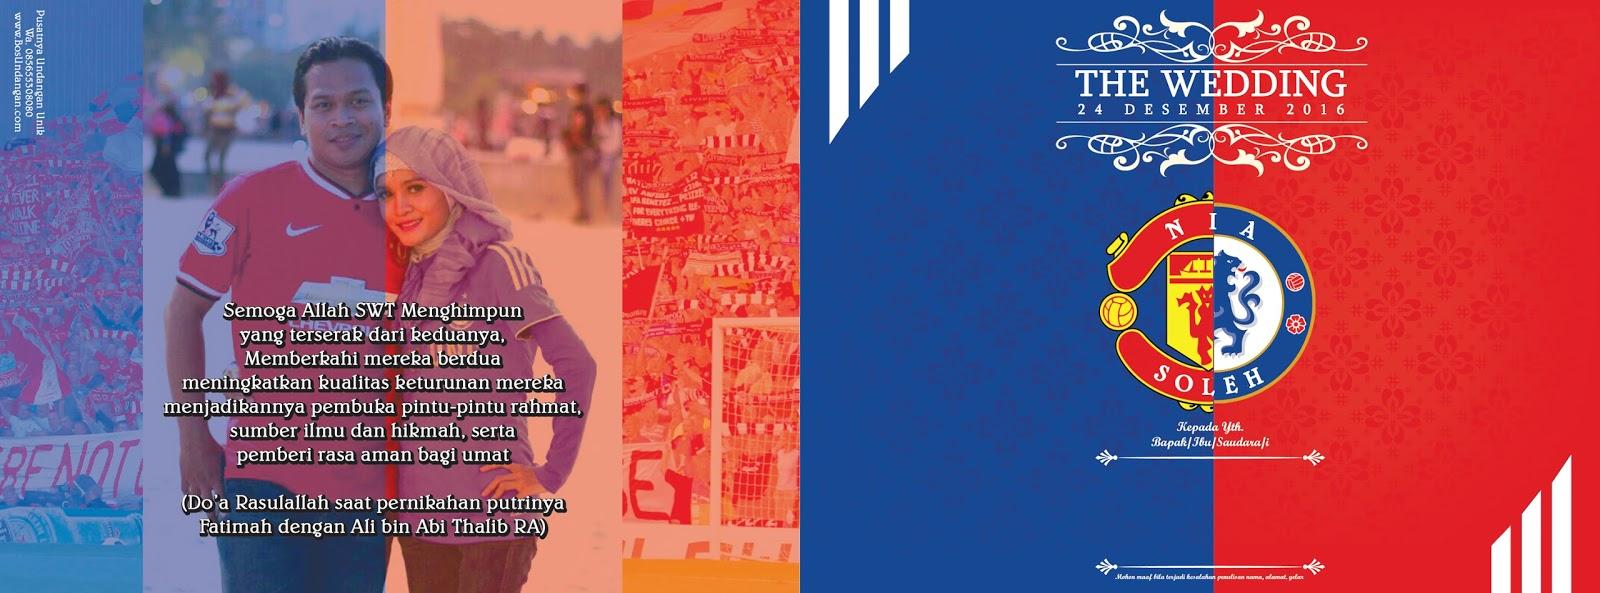 Undangan Nikah Unik Model Klub Sepakbola MU Vs Chelsea Nirwana